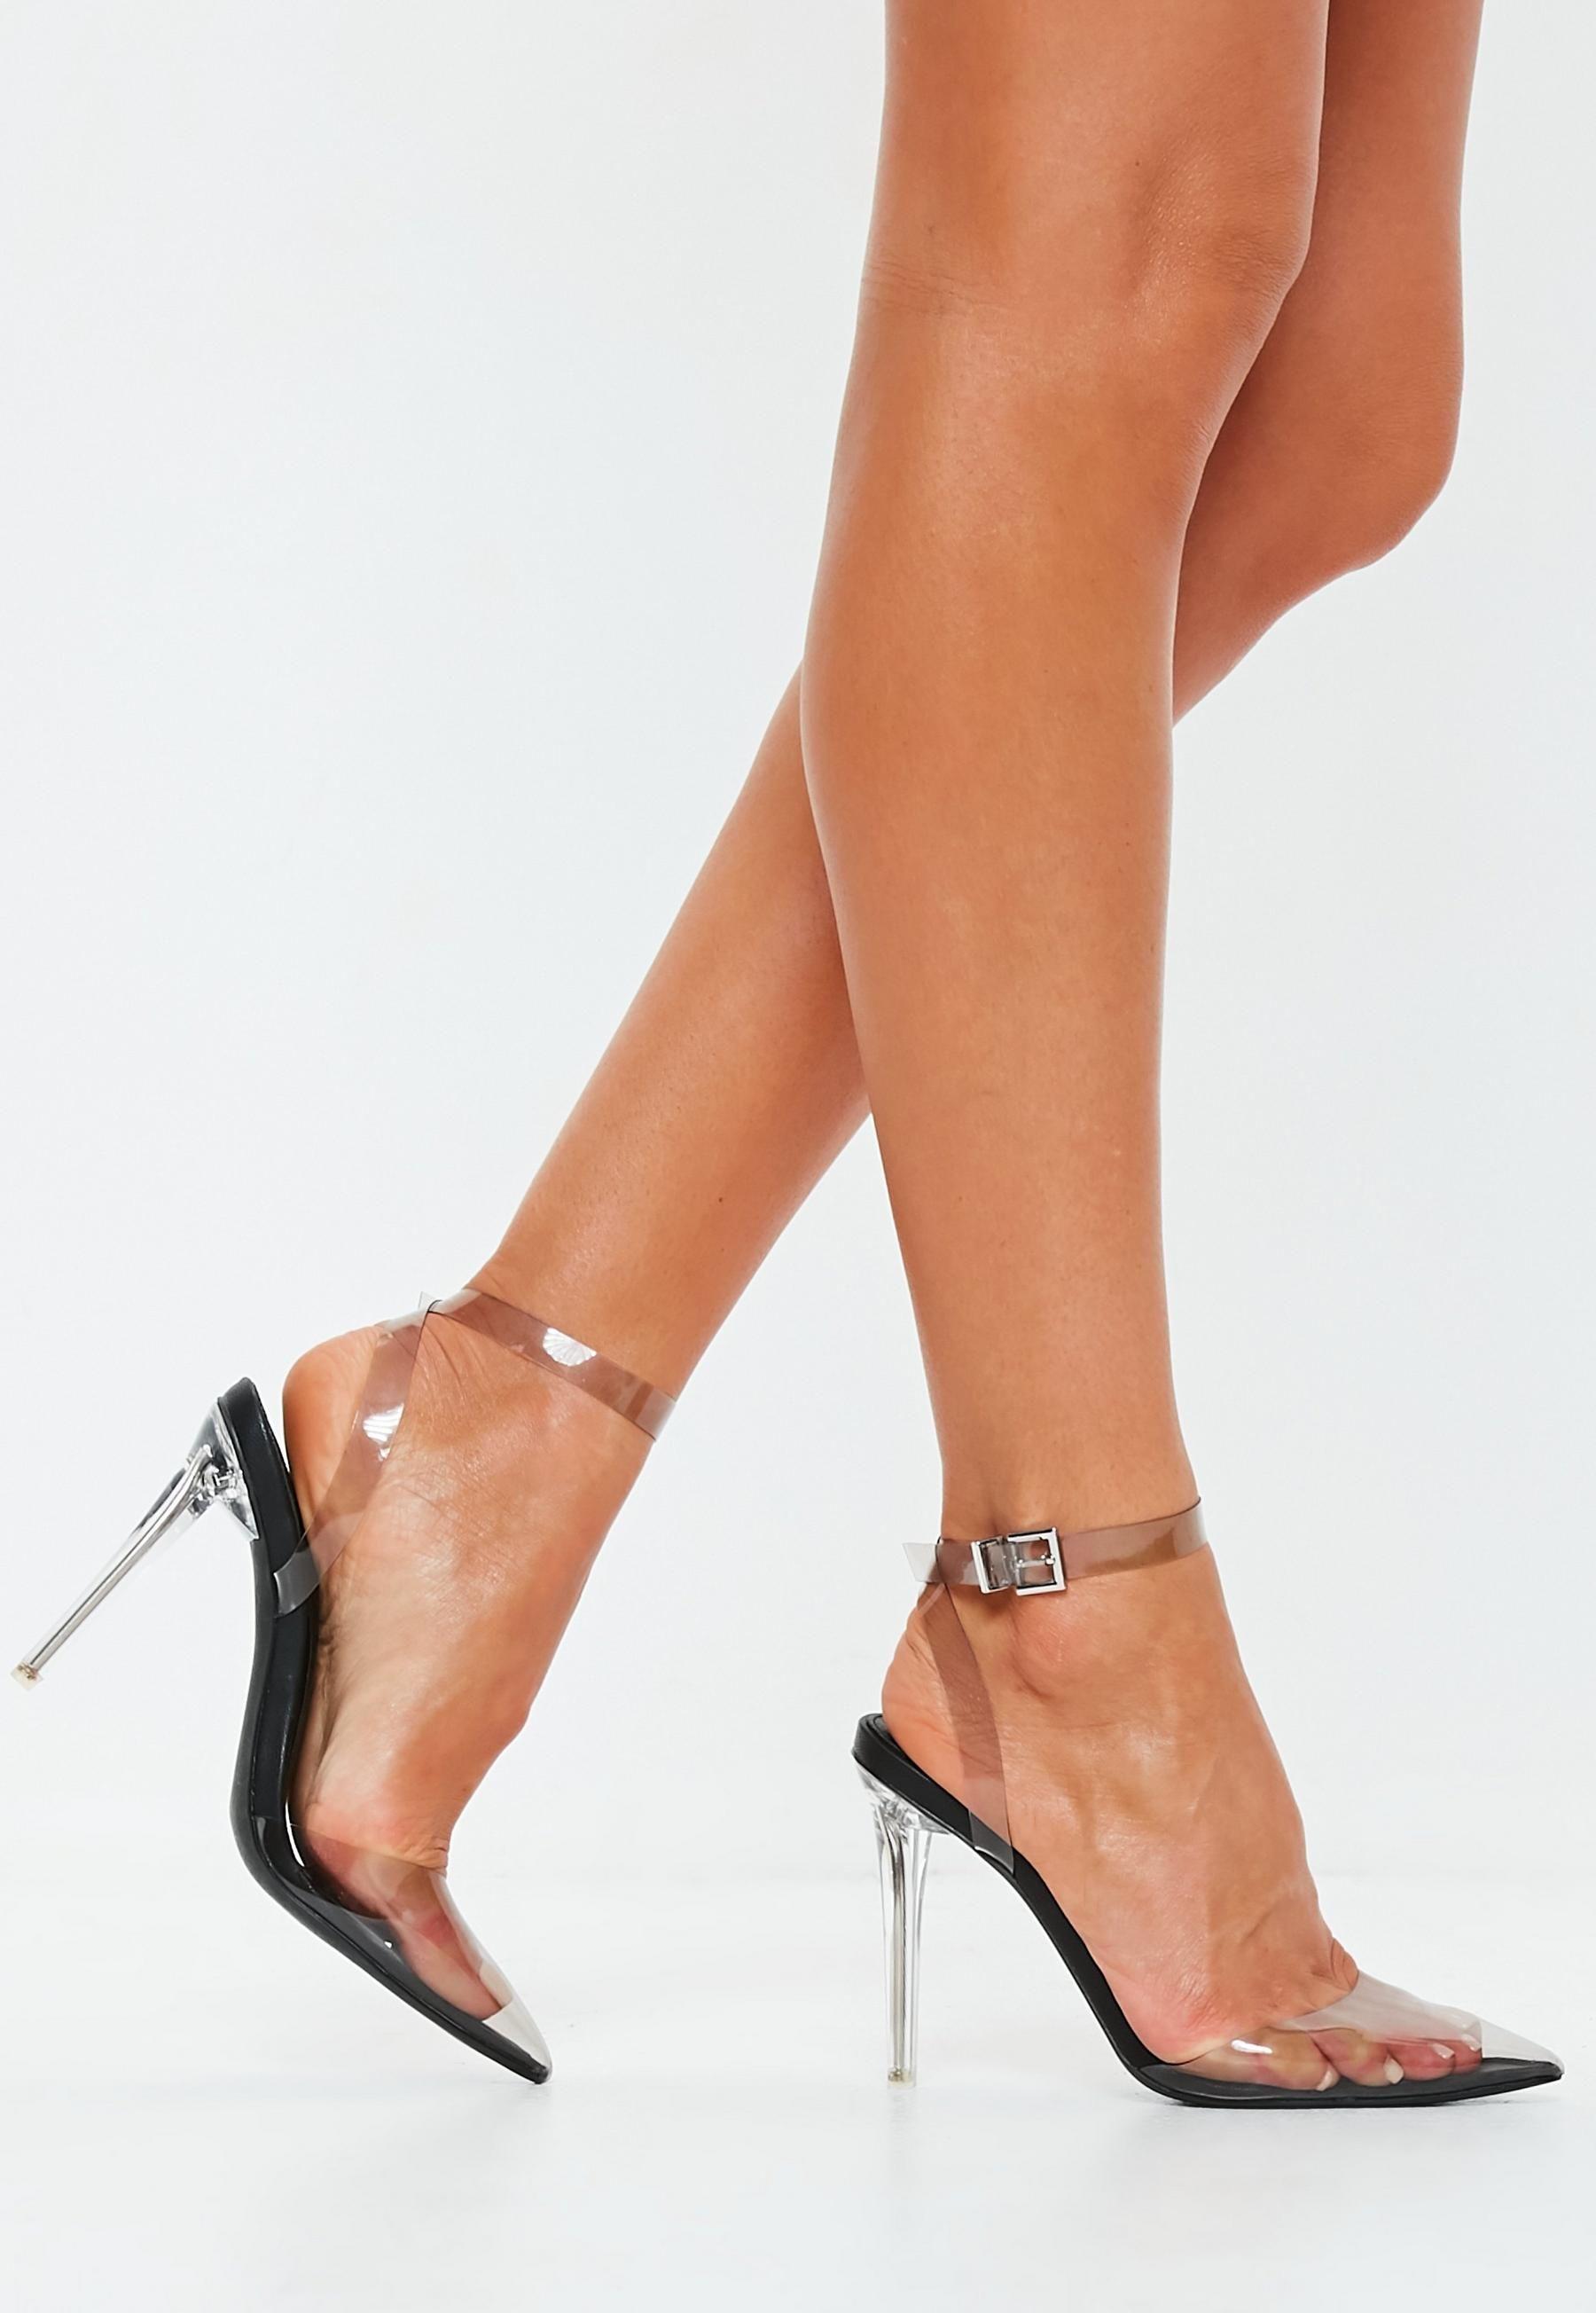 36a1a26492d Black Clear Pump Shoe Heels in 2019 | S/S 2019 Wardrobe Inspo ...